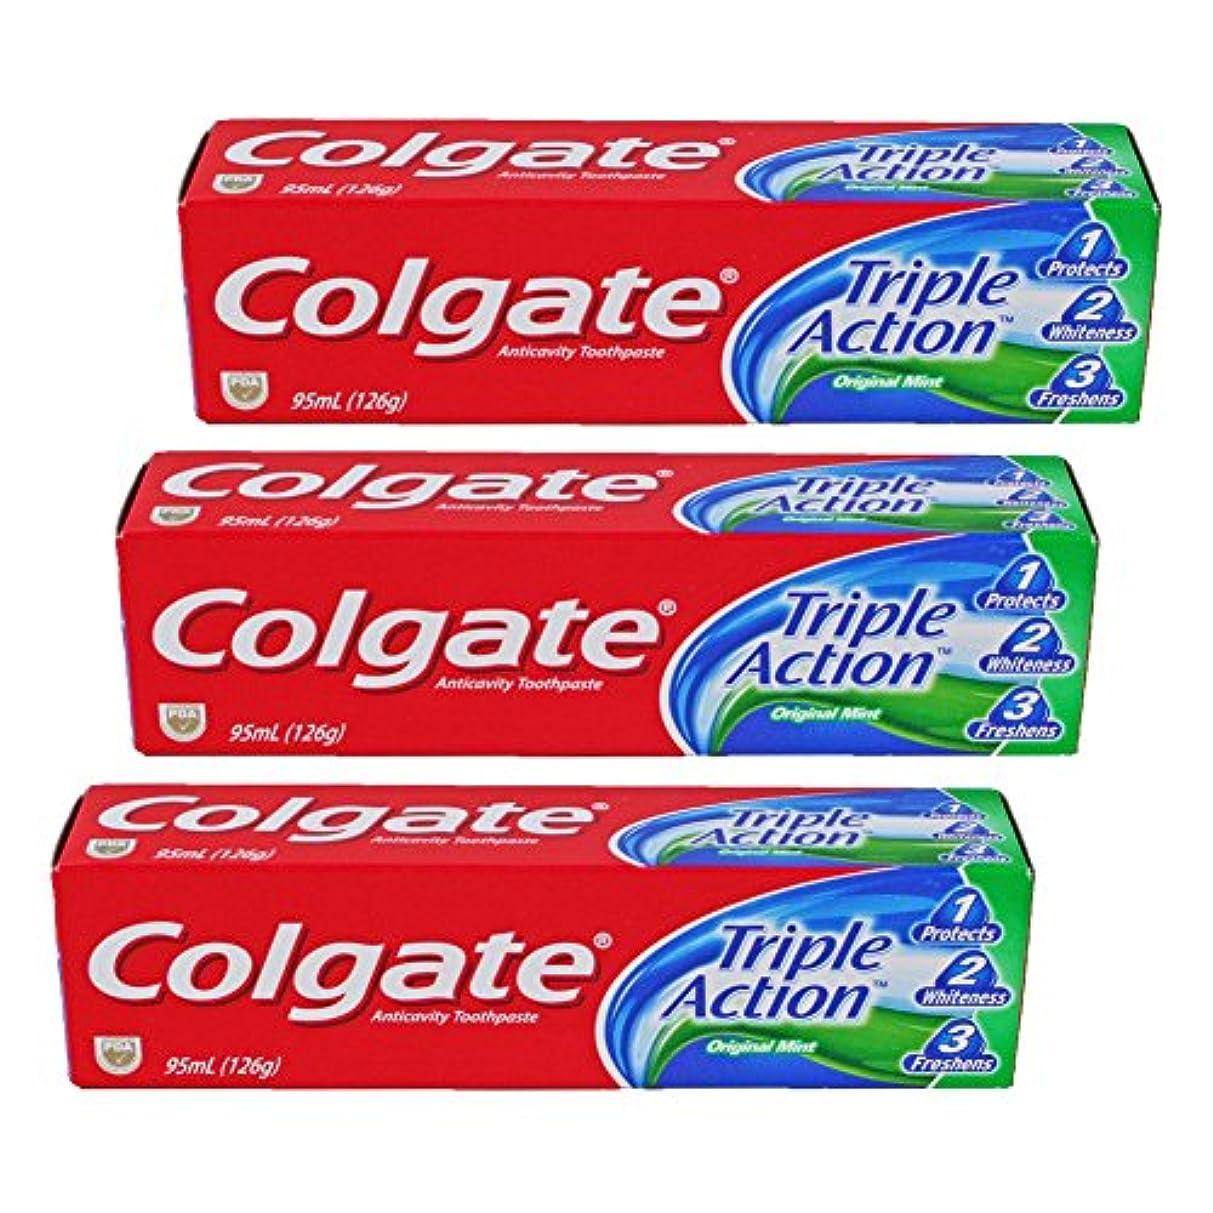 引き算速い始めるコルゲート Colgate Triple Action (95mL)126g 3個セット [並行輸入品]